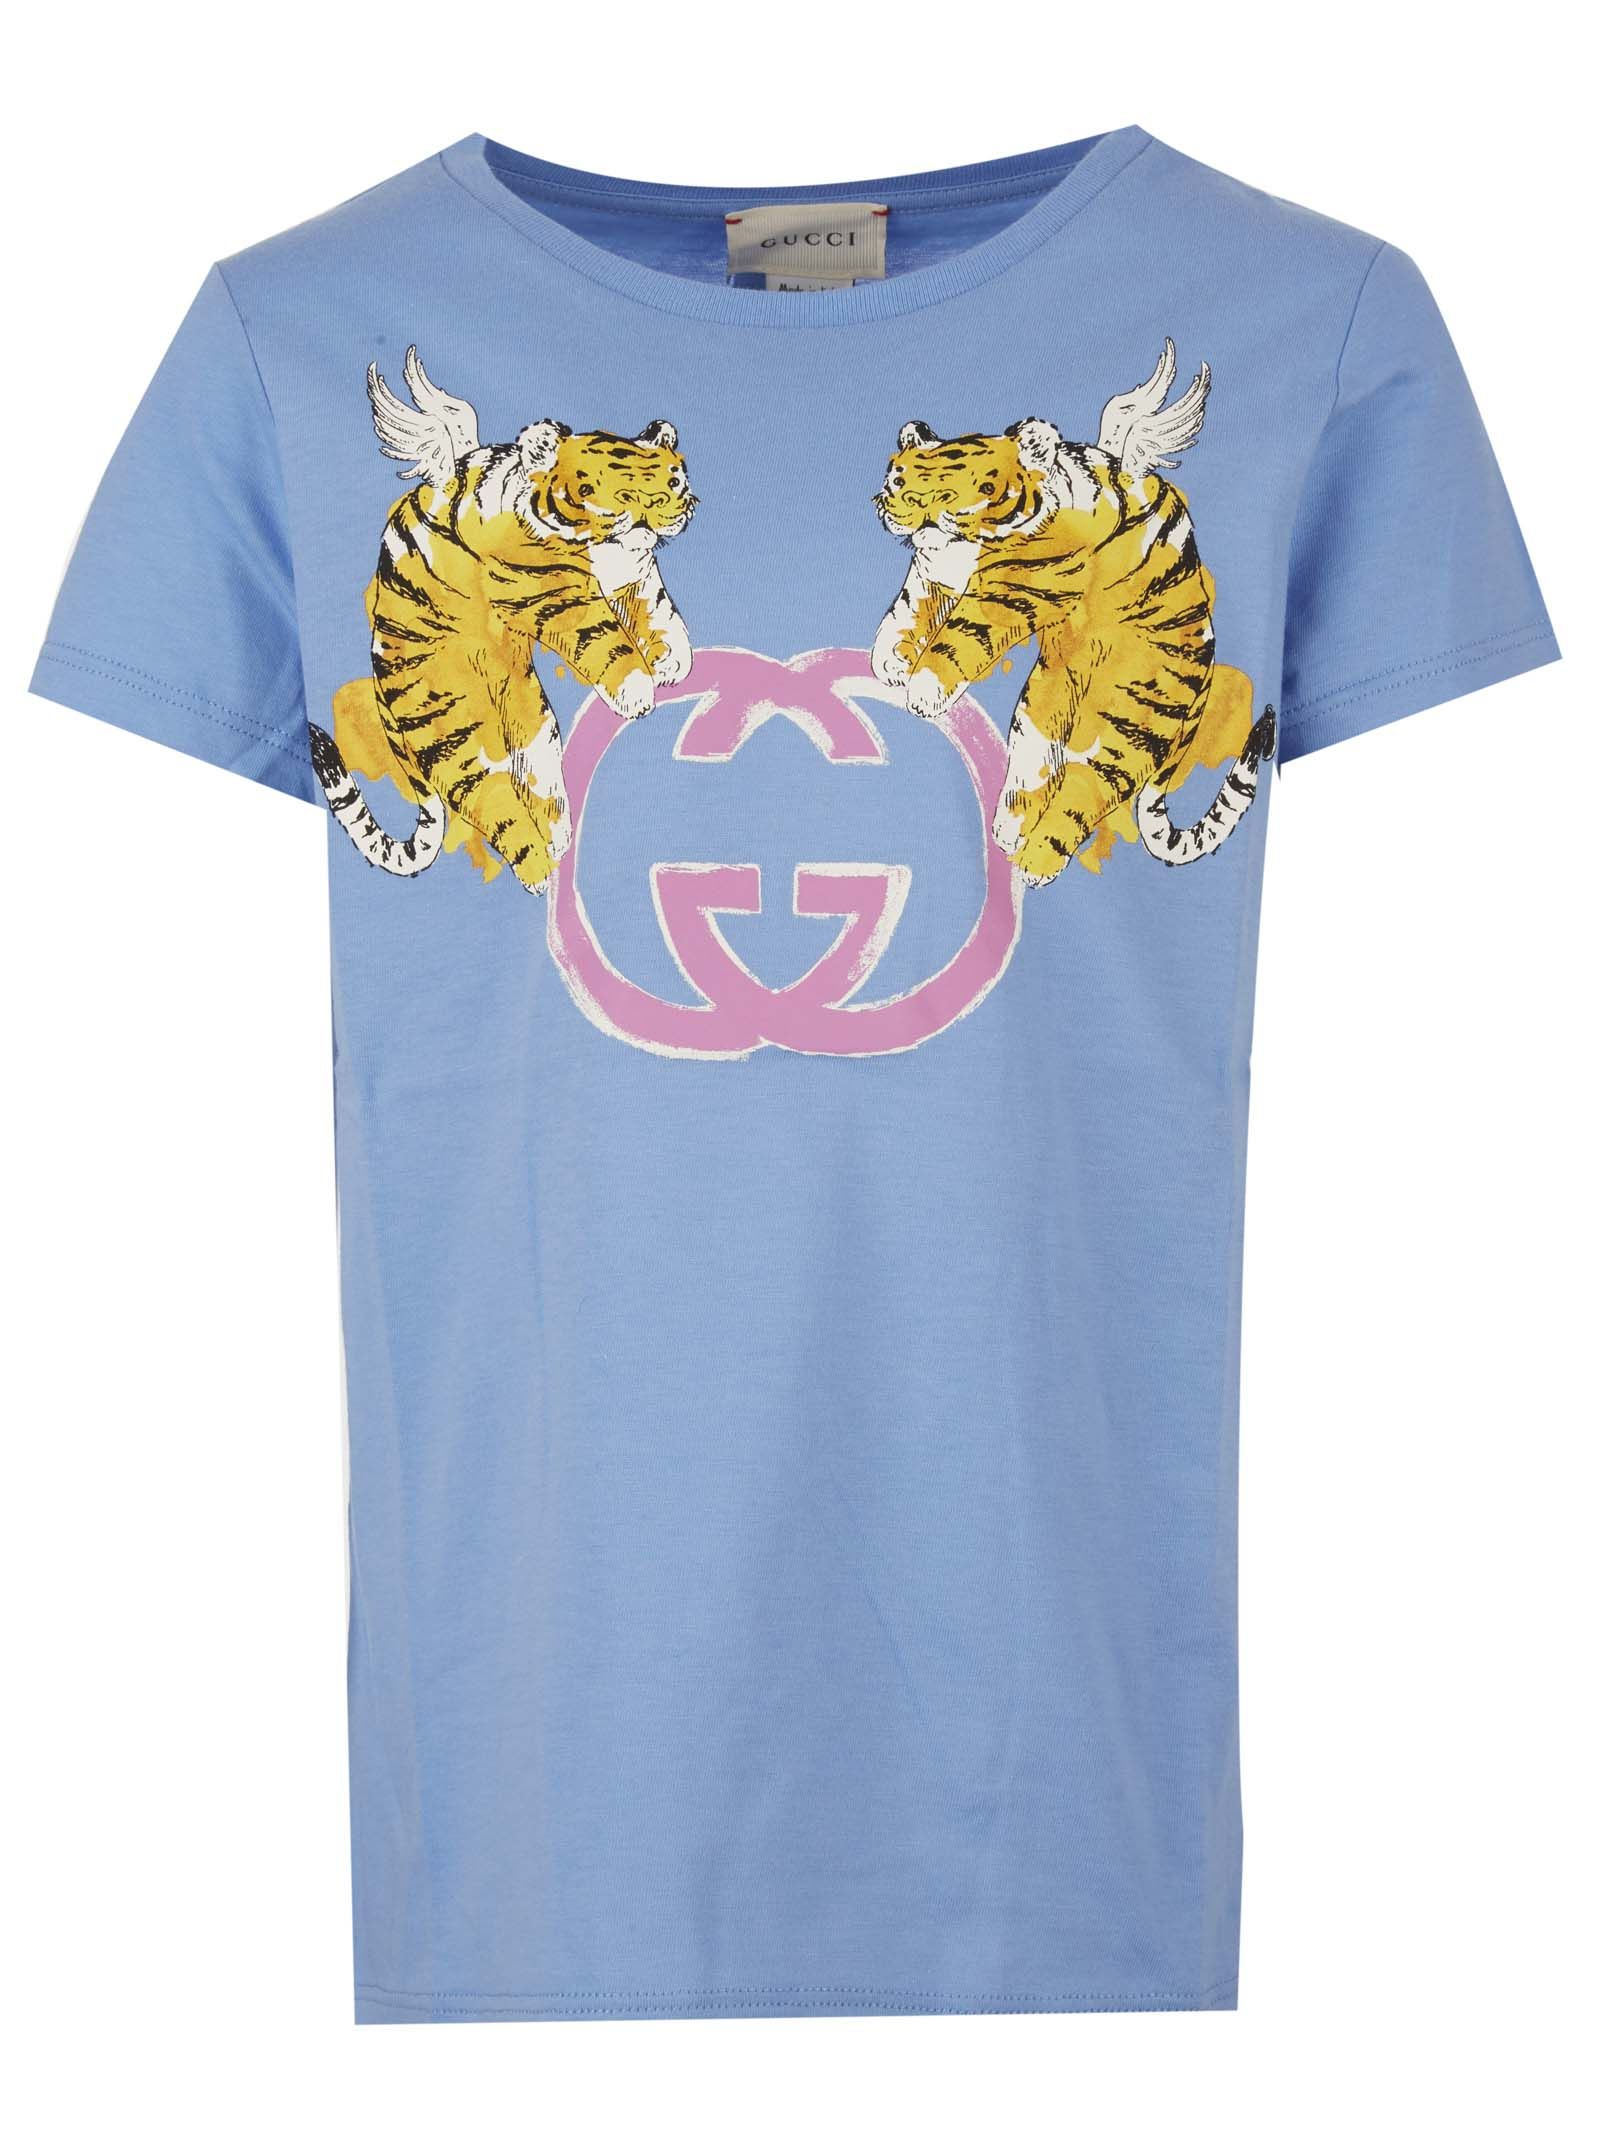 3ca0c8b4 Gucci Gucci Junior T-shirt - Light blue - 10924635 | italist